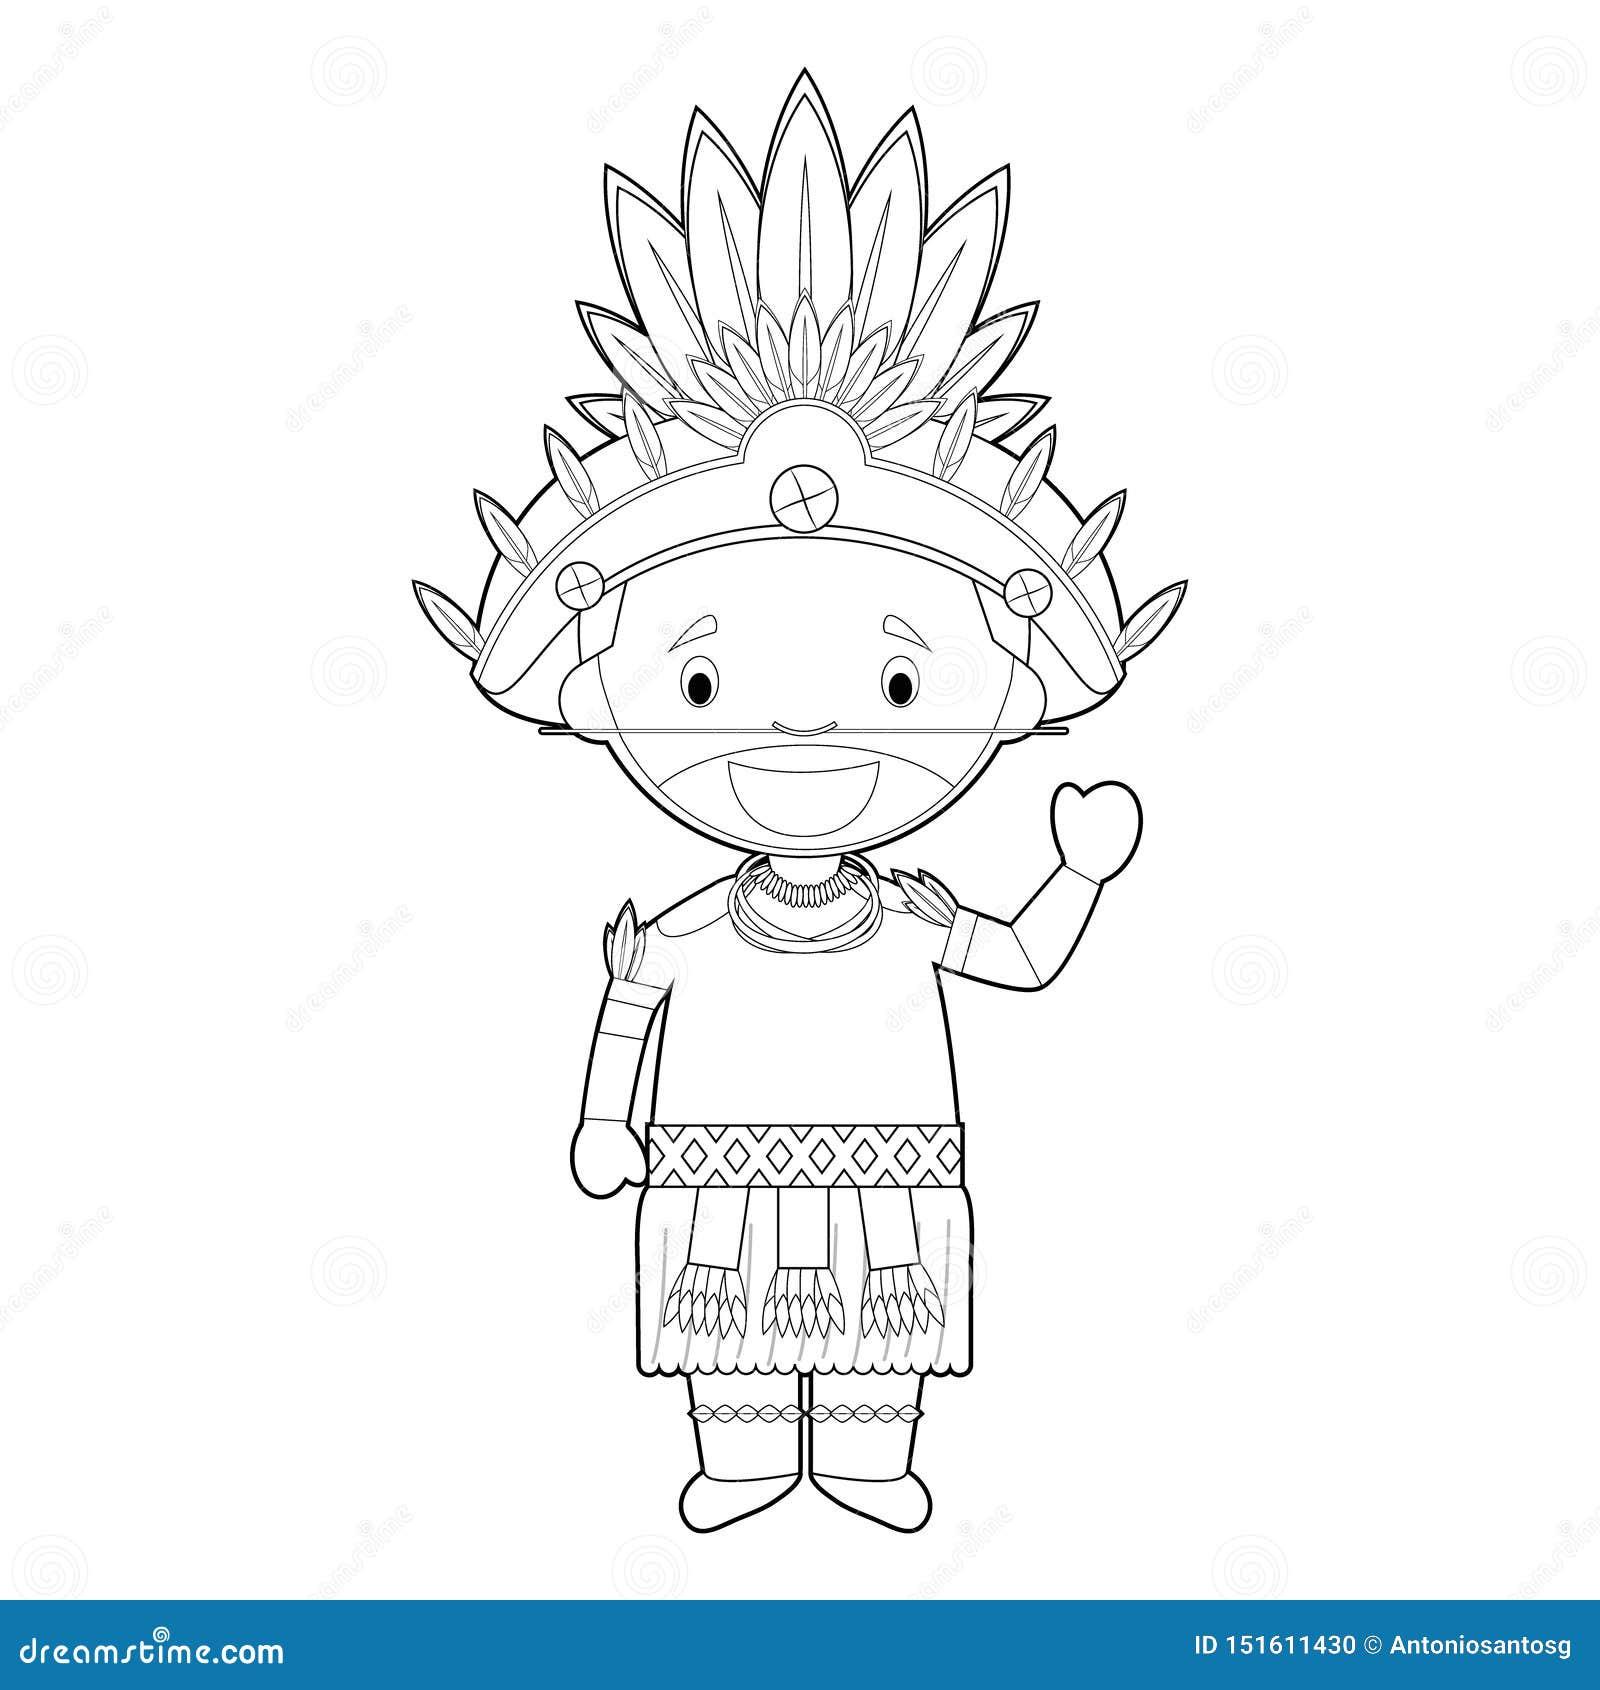 Personaje De Dibujos Animados Que Colorea Facil De Papua Nueva